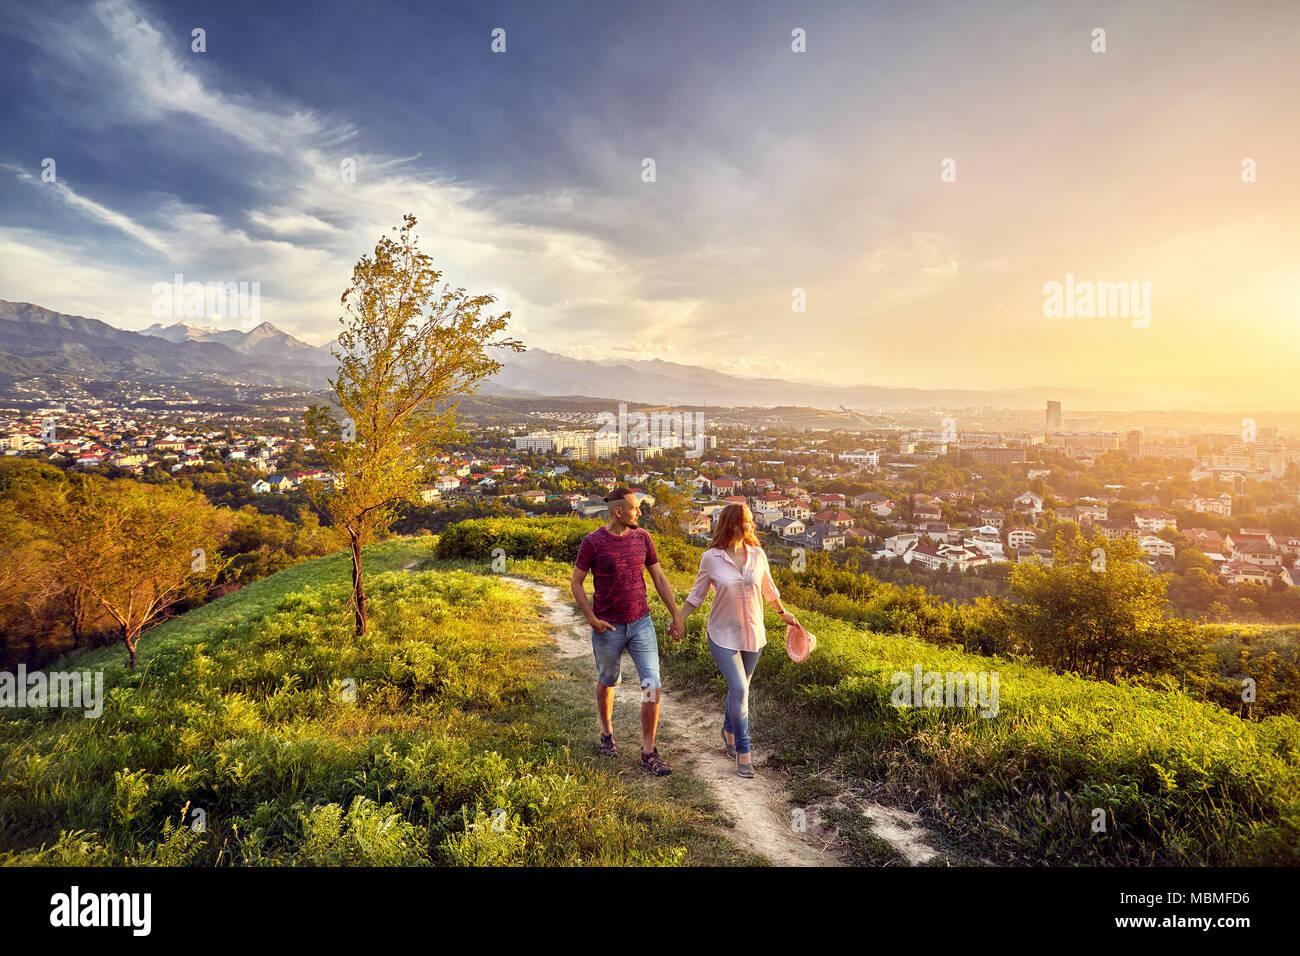 Yong couple dans des vêtements rose balade dans le parc au coucher du soleil vue sur la ville historique. Photo Stock